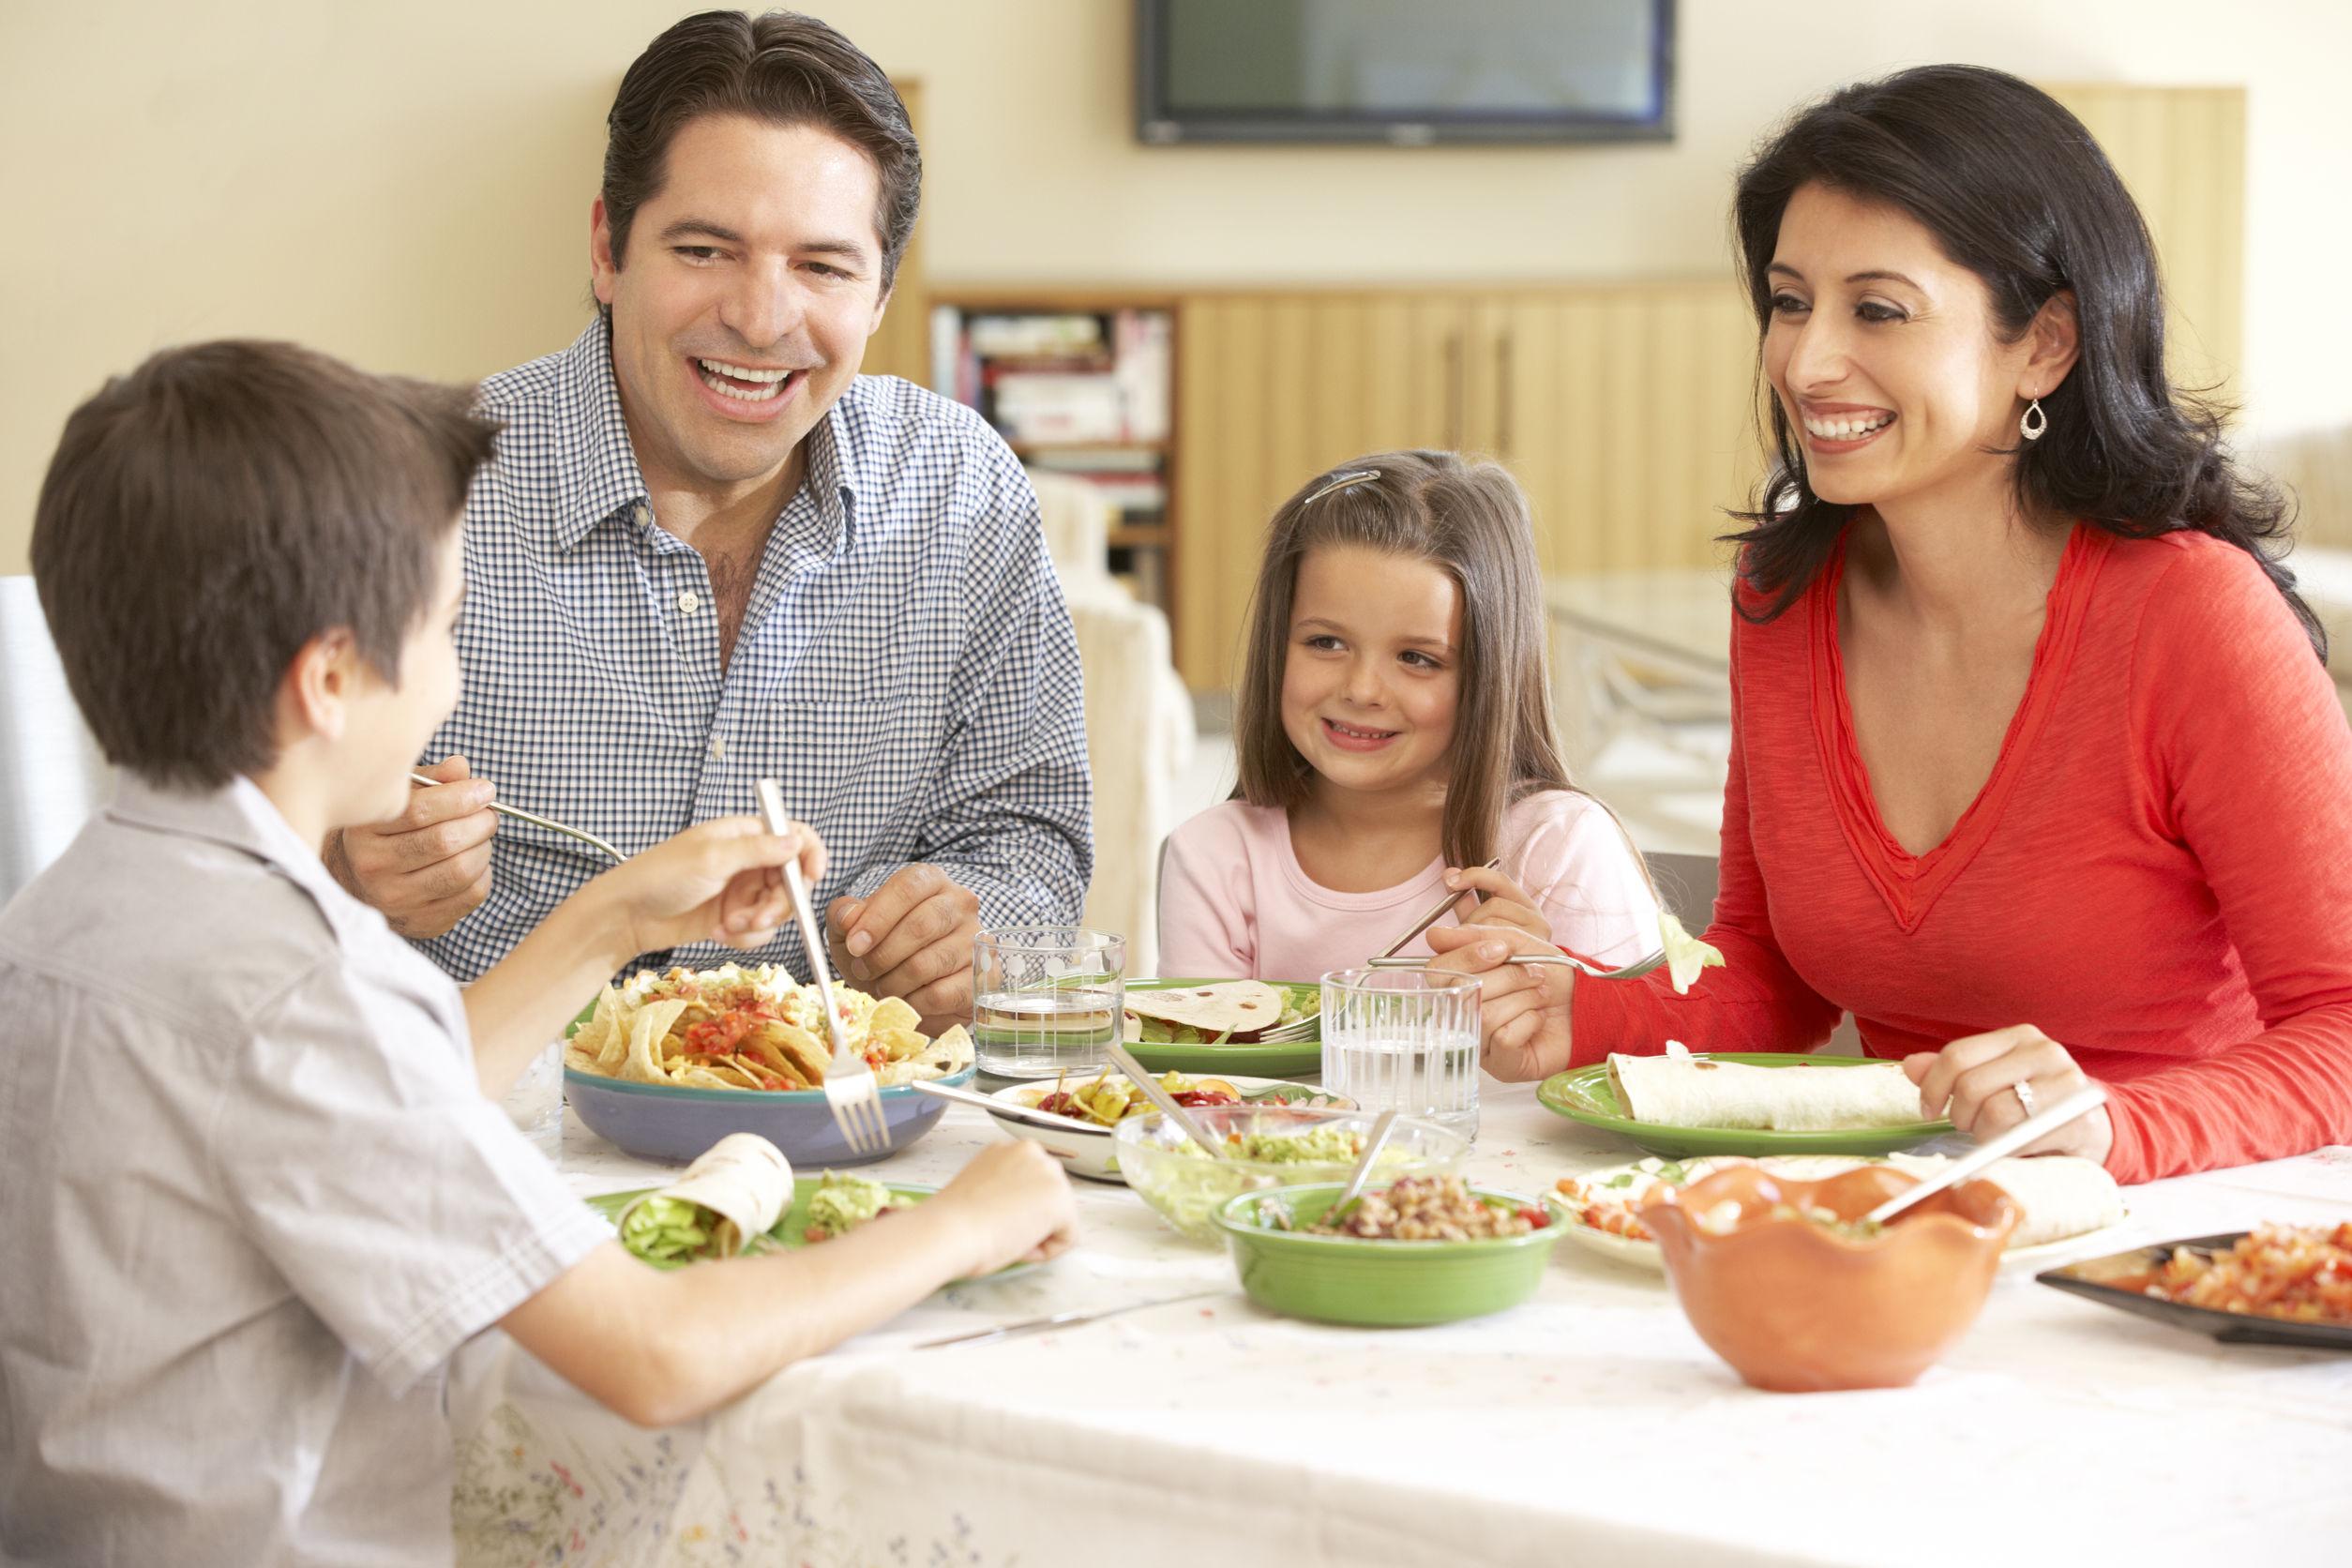 Cu cine ti-ai dori cel mai mult sa iei cina ?